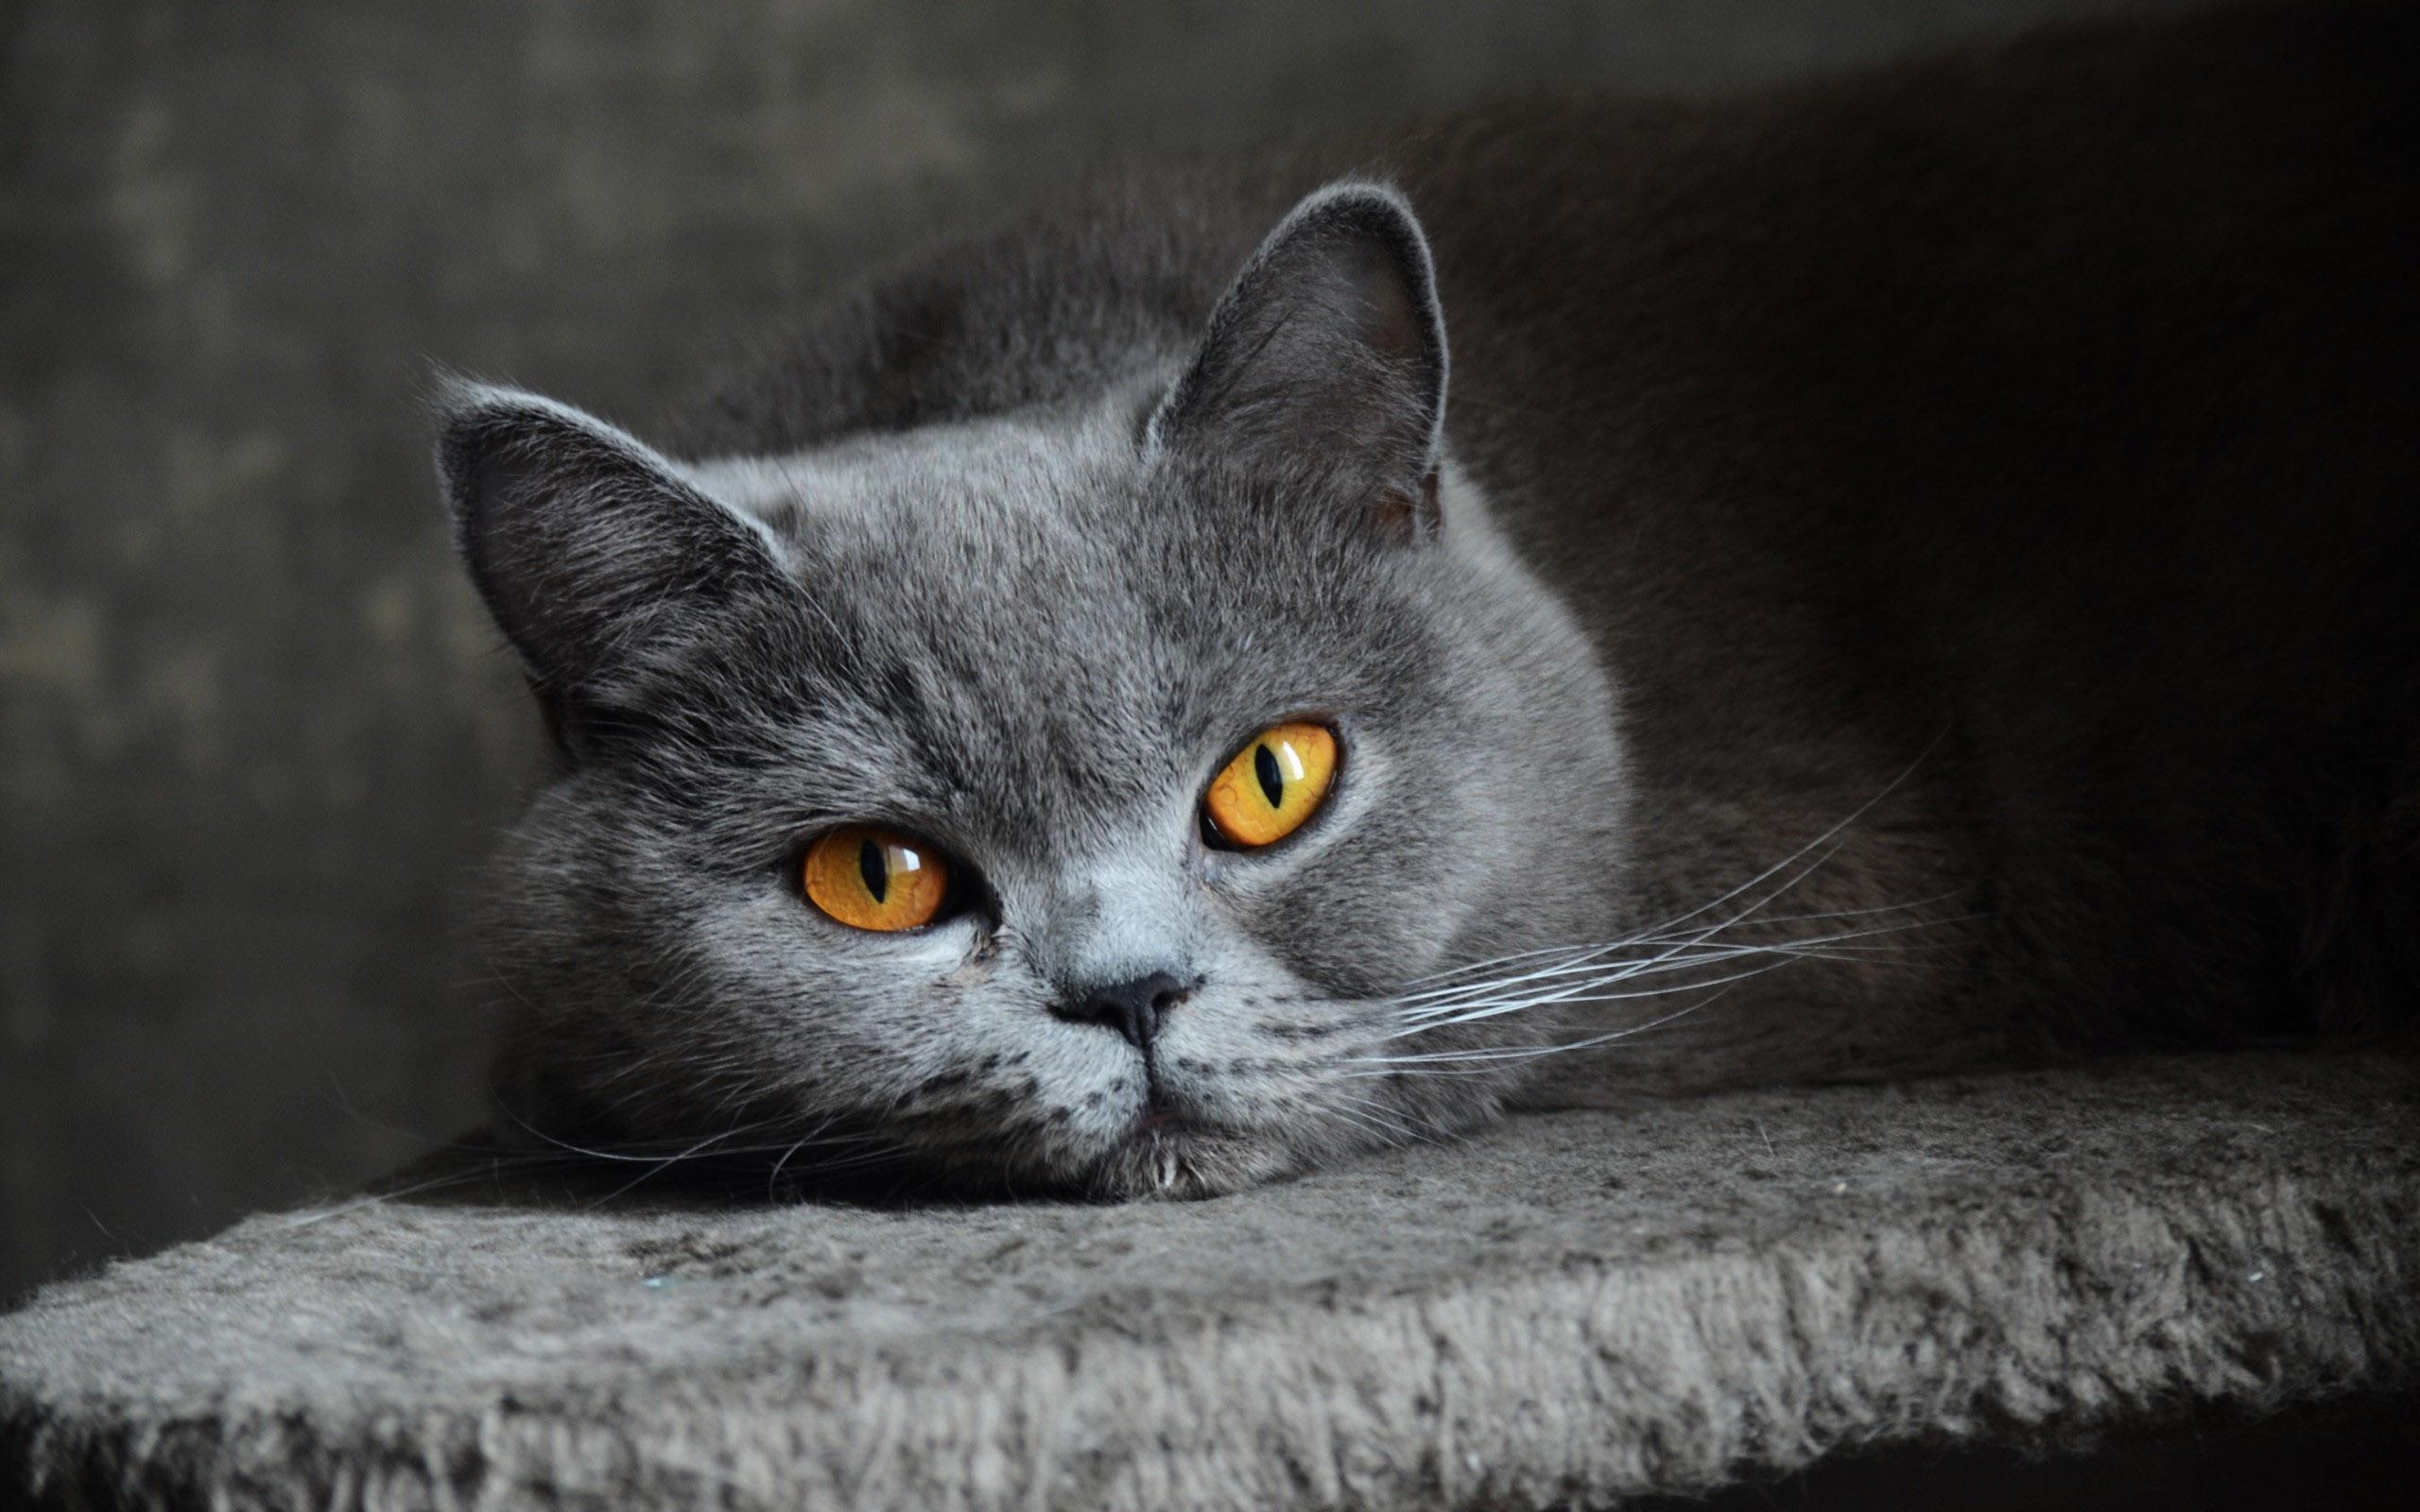 сценарий киношники фото красивых британских кошек на рабочий стол юпитера